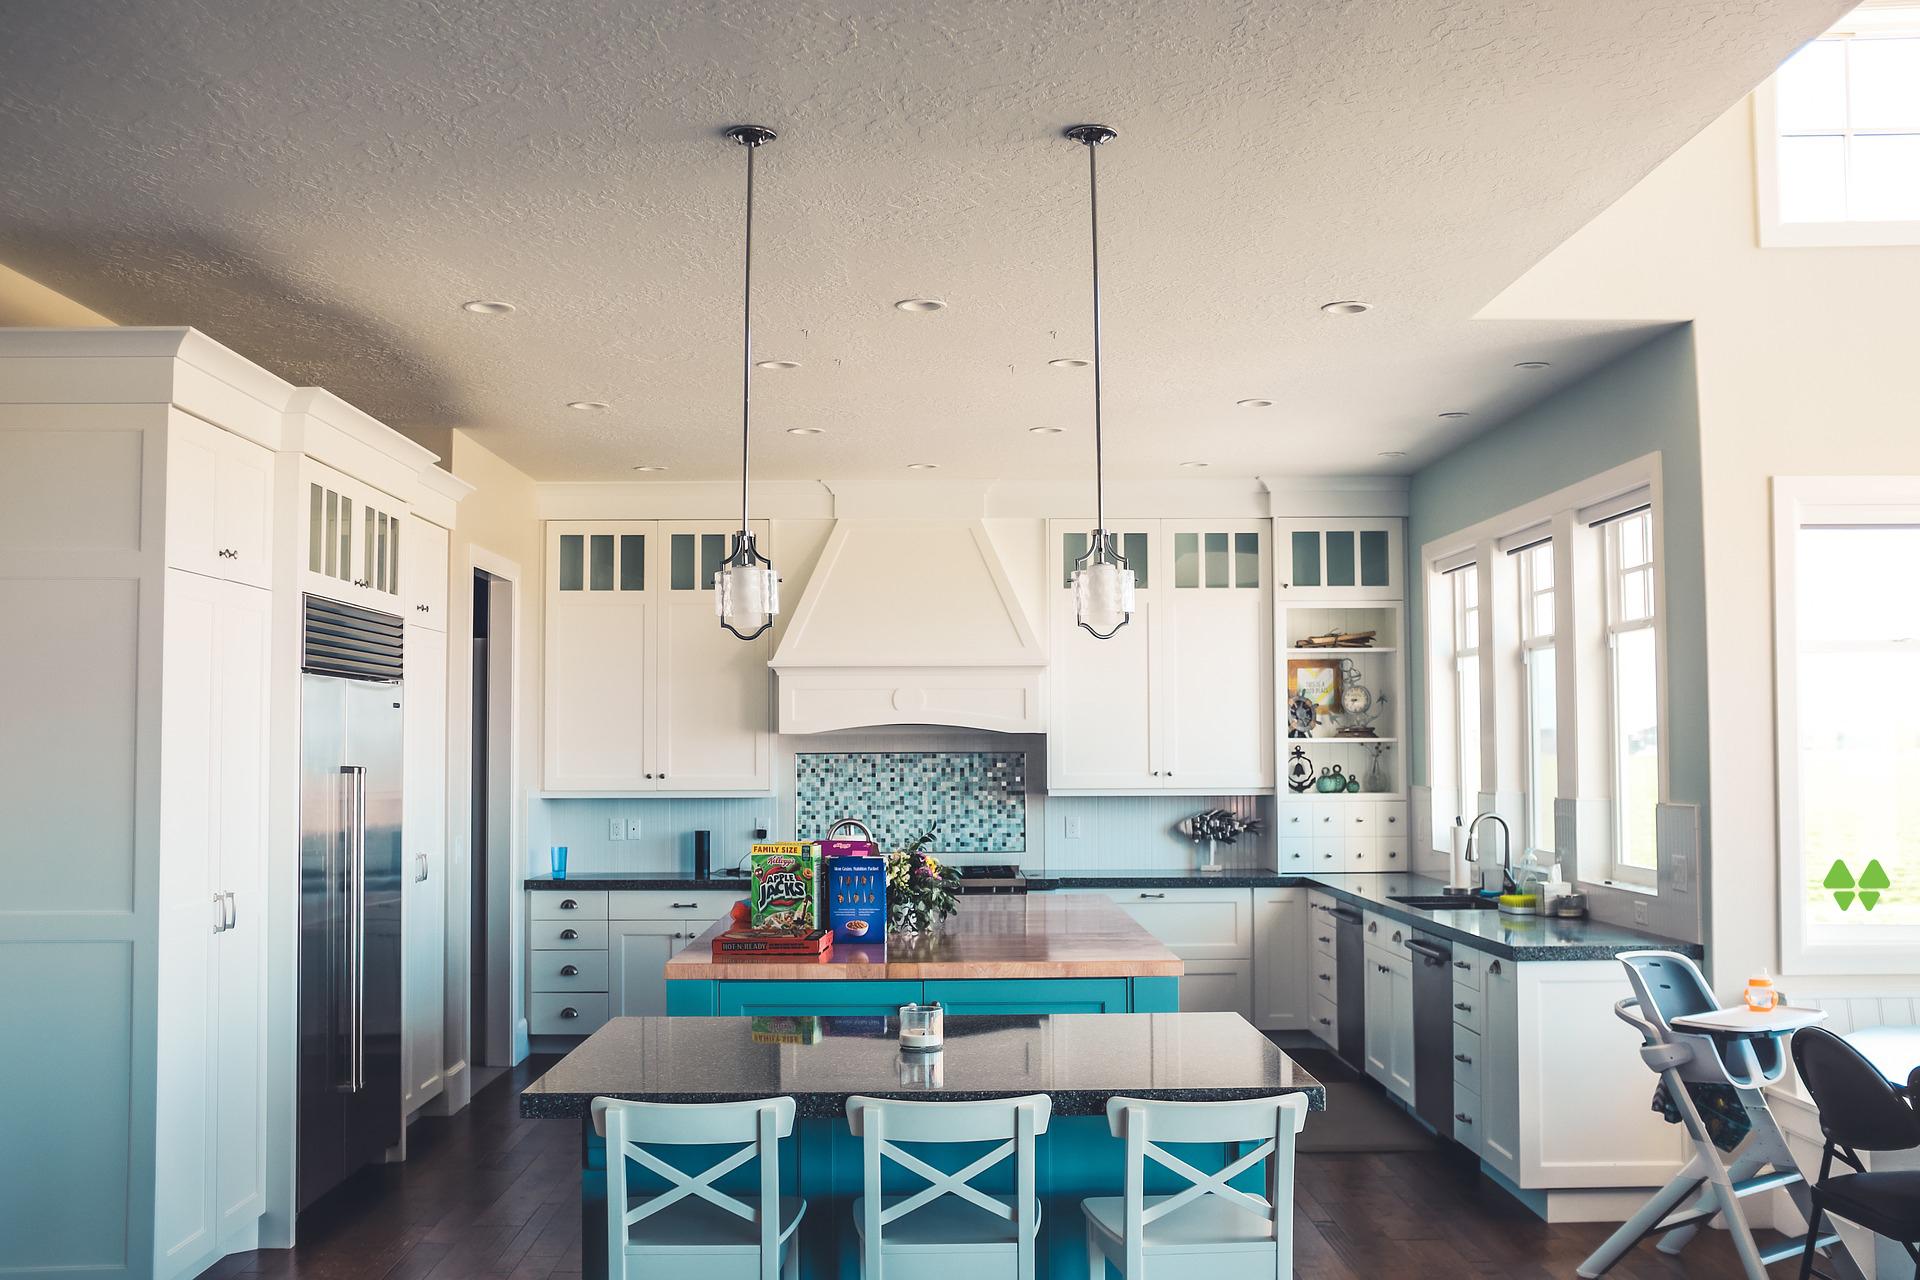 Clean and organized modern kitchen.